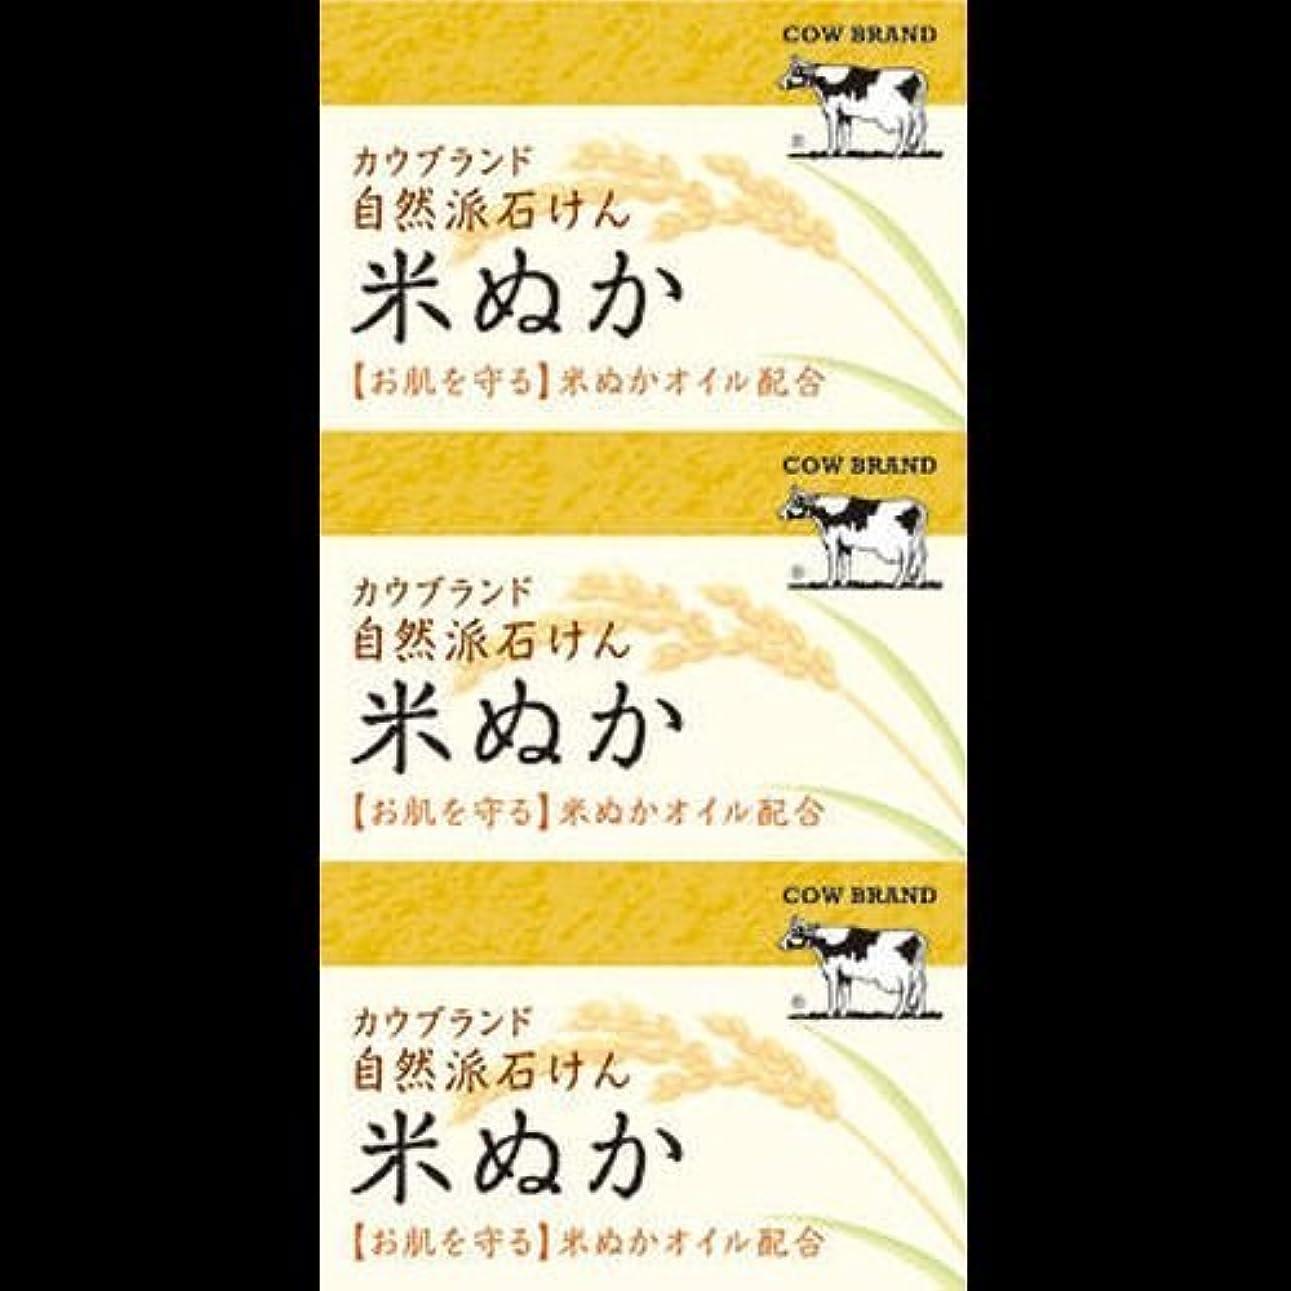 フェロー諸島ウィスキー感謝【まとめ買い】カウブランド 自然派石けん 米ぬか 100g*3個 ×2セット